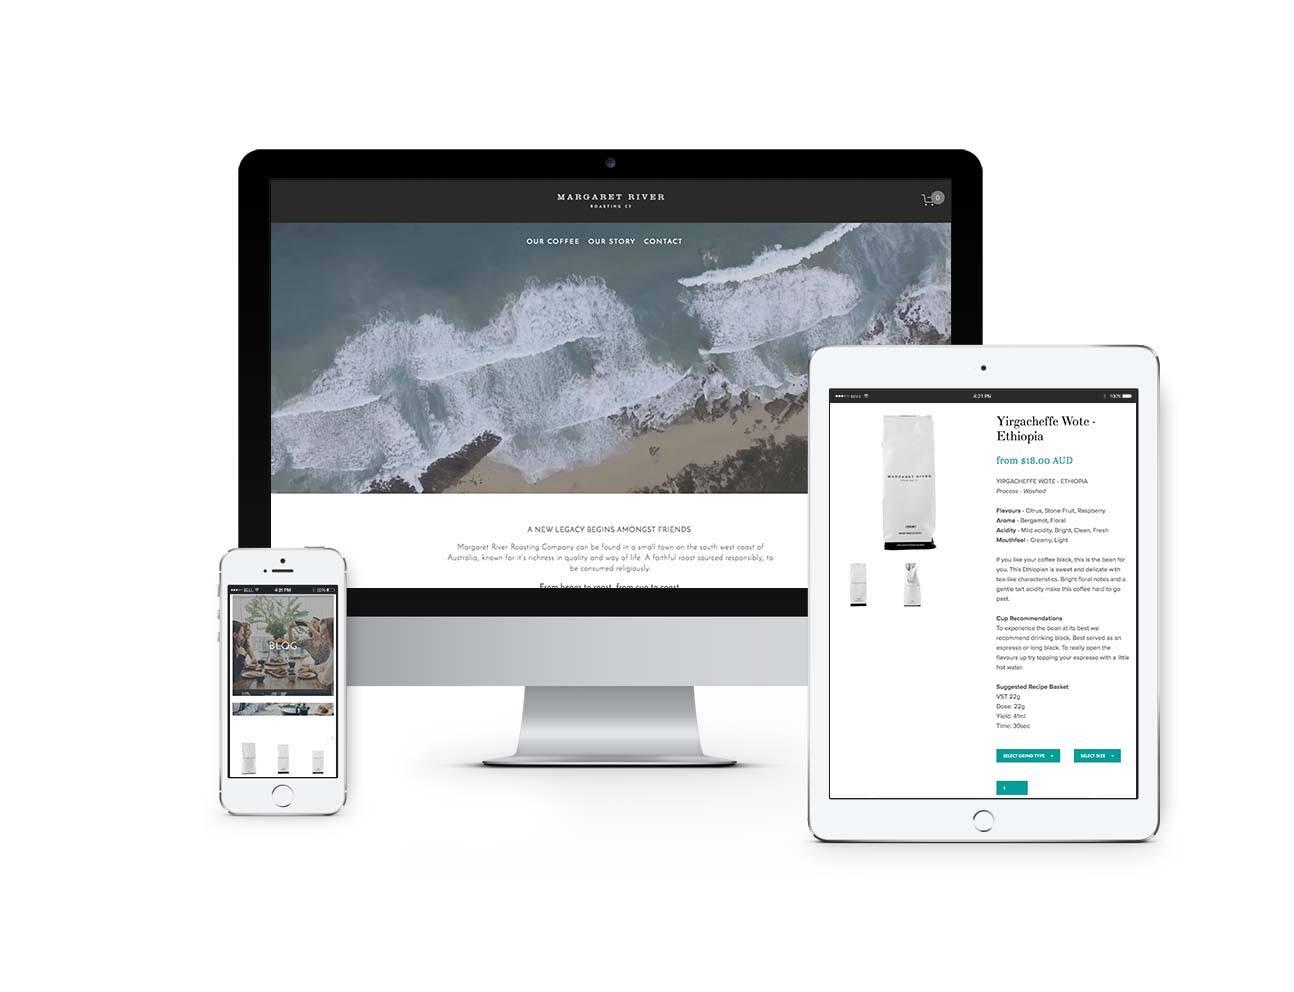 Margaret River Roasting Company | Showcase Website | Bold Branding & Custom Squarespace Designs | Sofia Parker Creative Studio | www.sofia-parker.com